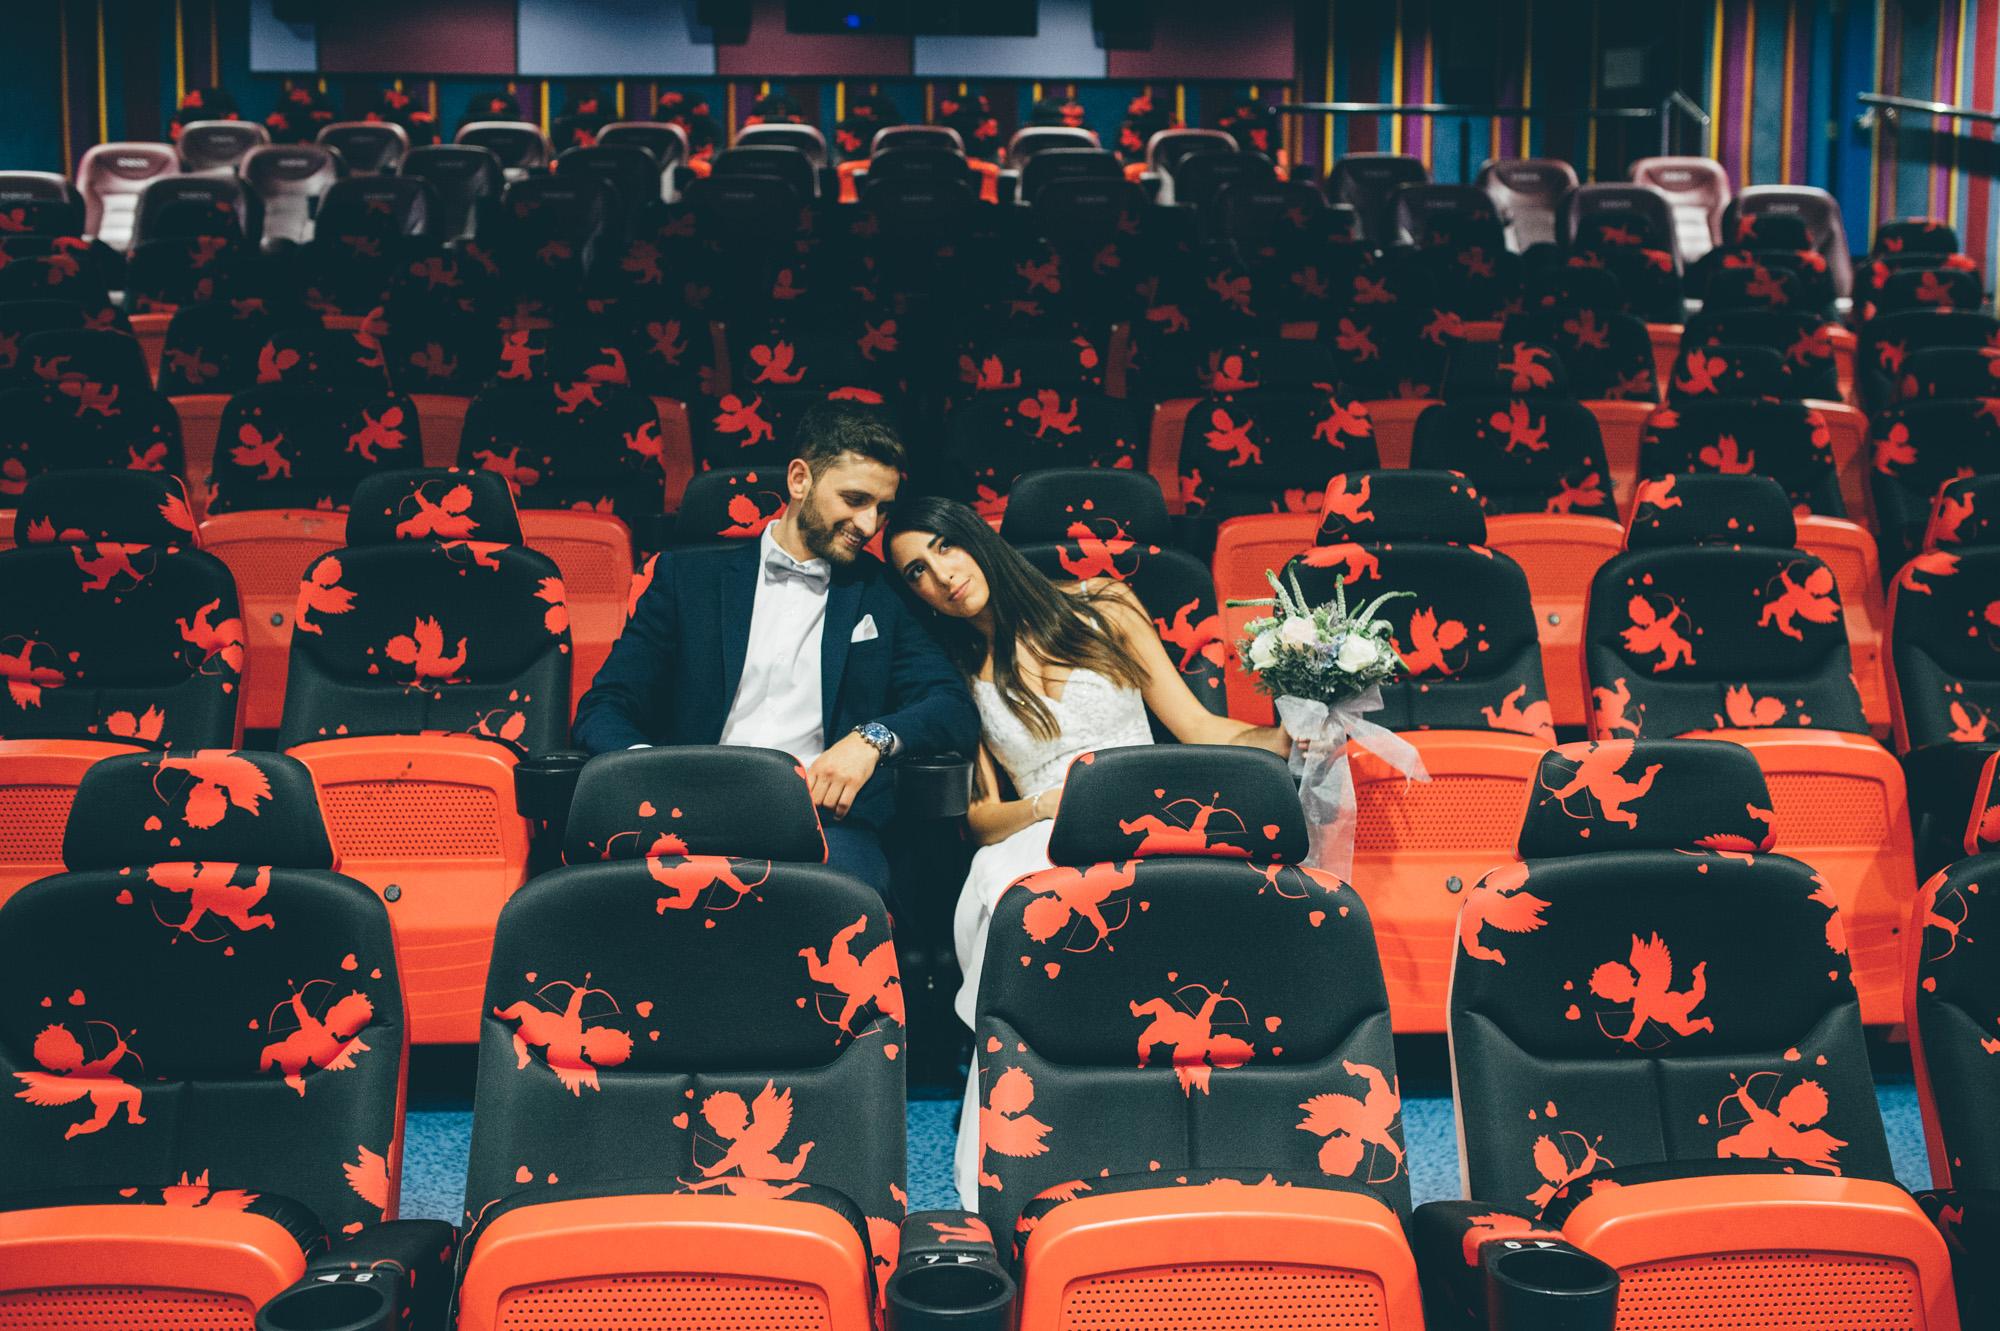 Wedding photos by - Asaf Kliger-35.jpg